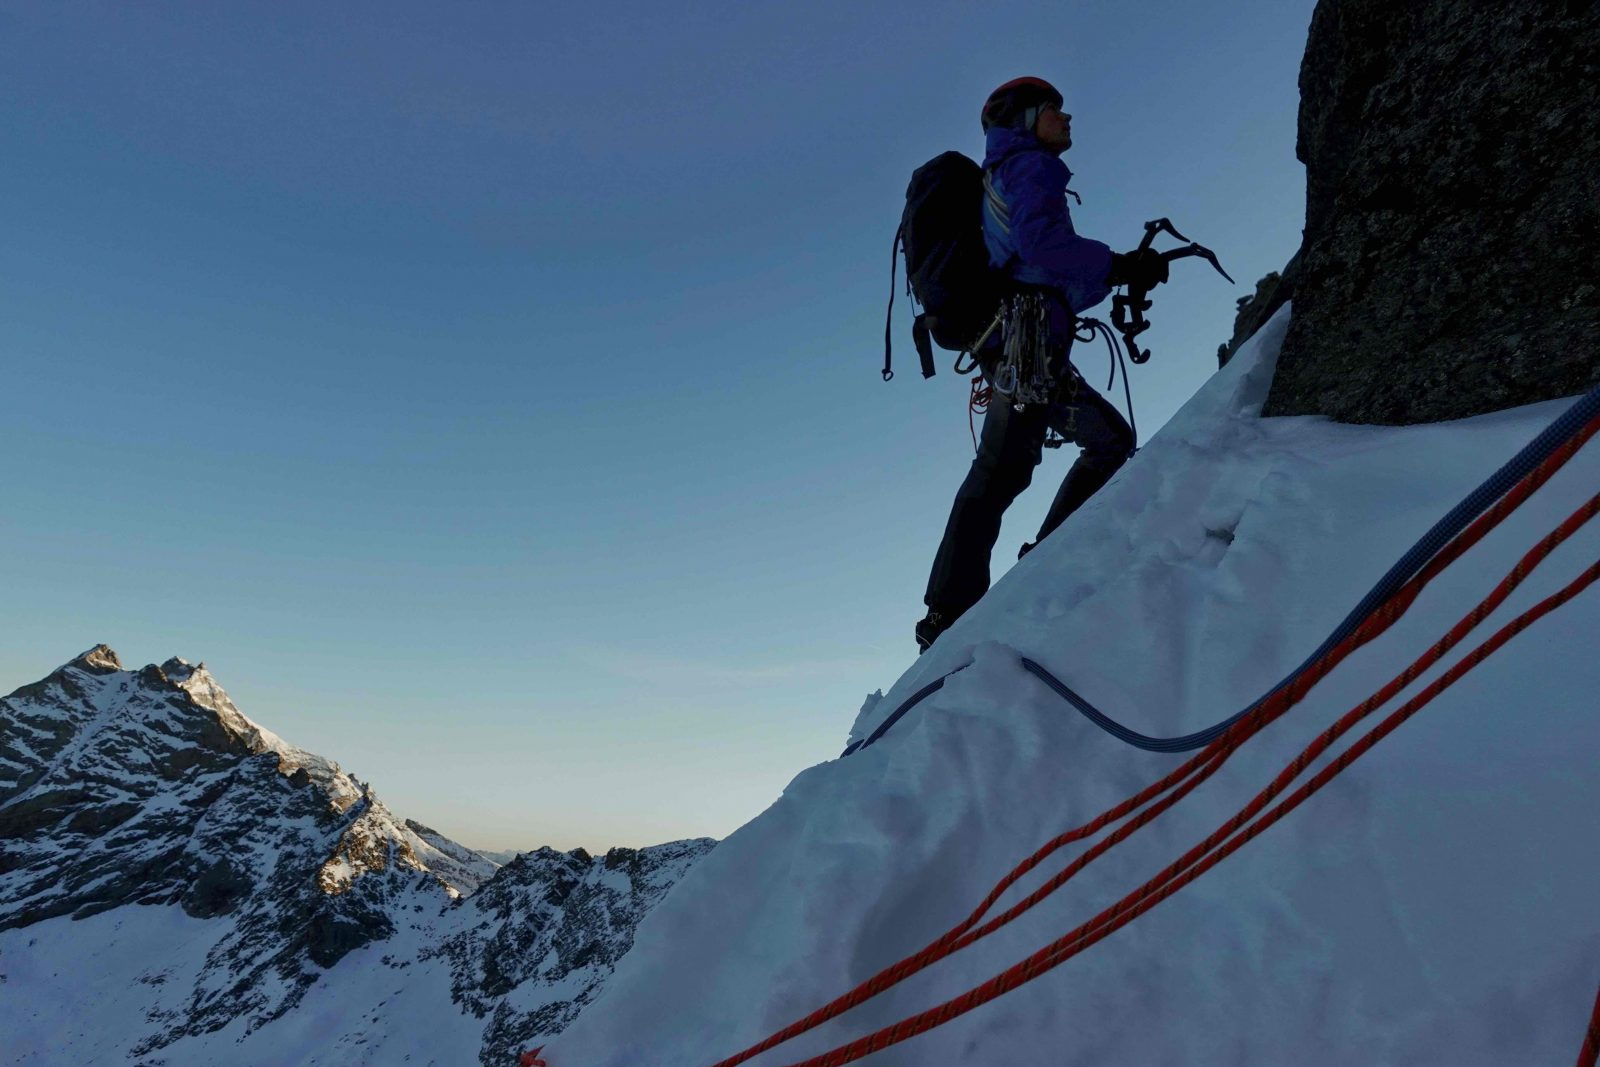 Sagwand-Nordwand, die letzten Meter bis zum Ausstieg, Foto: Ines Papert und Luka Lindič |Climbers Paradise